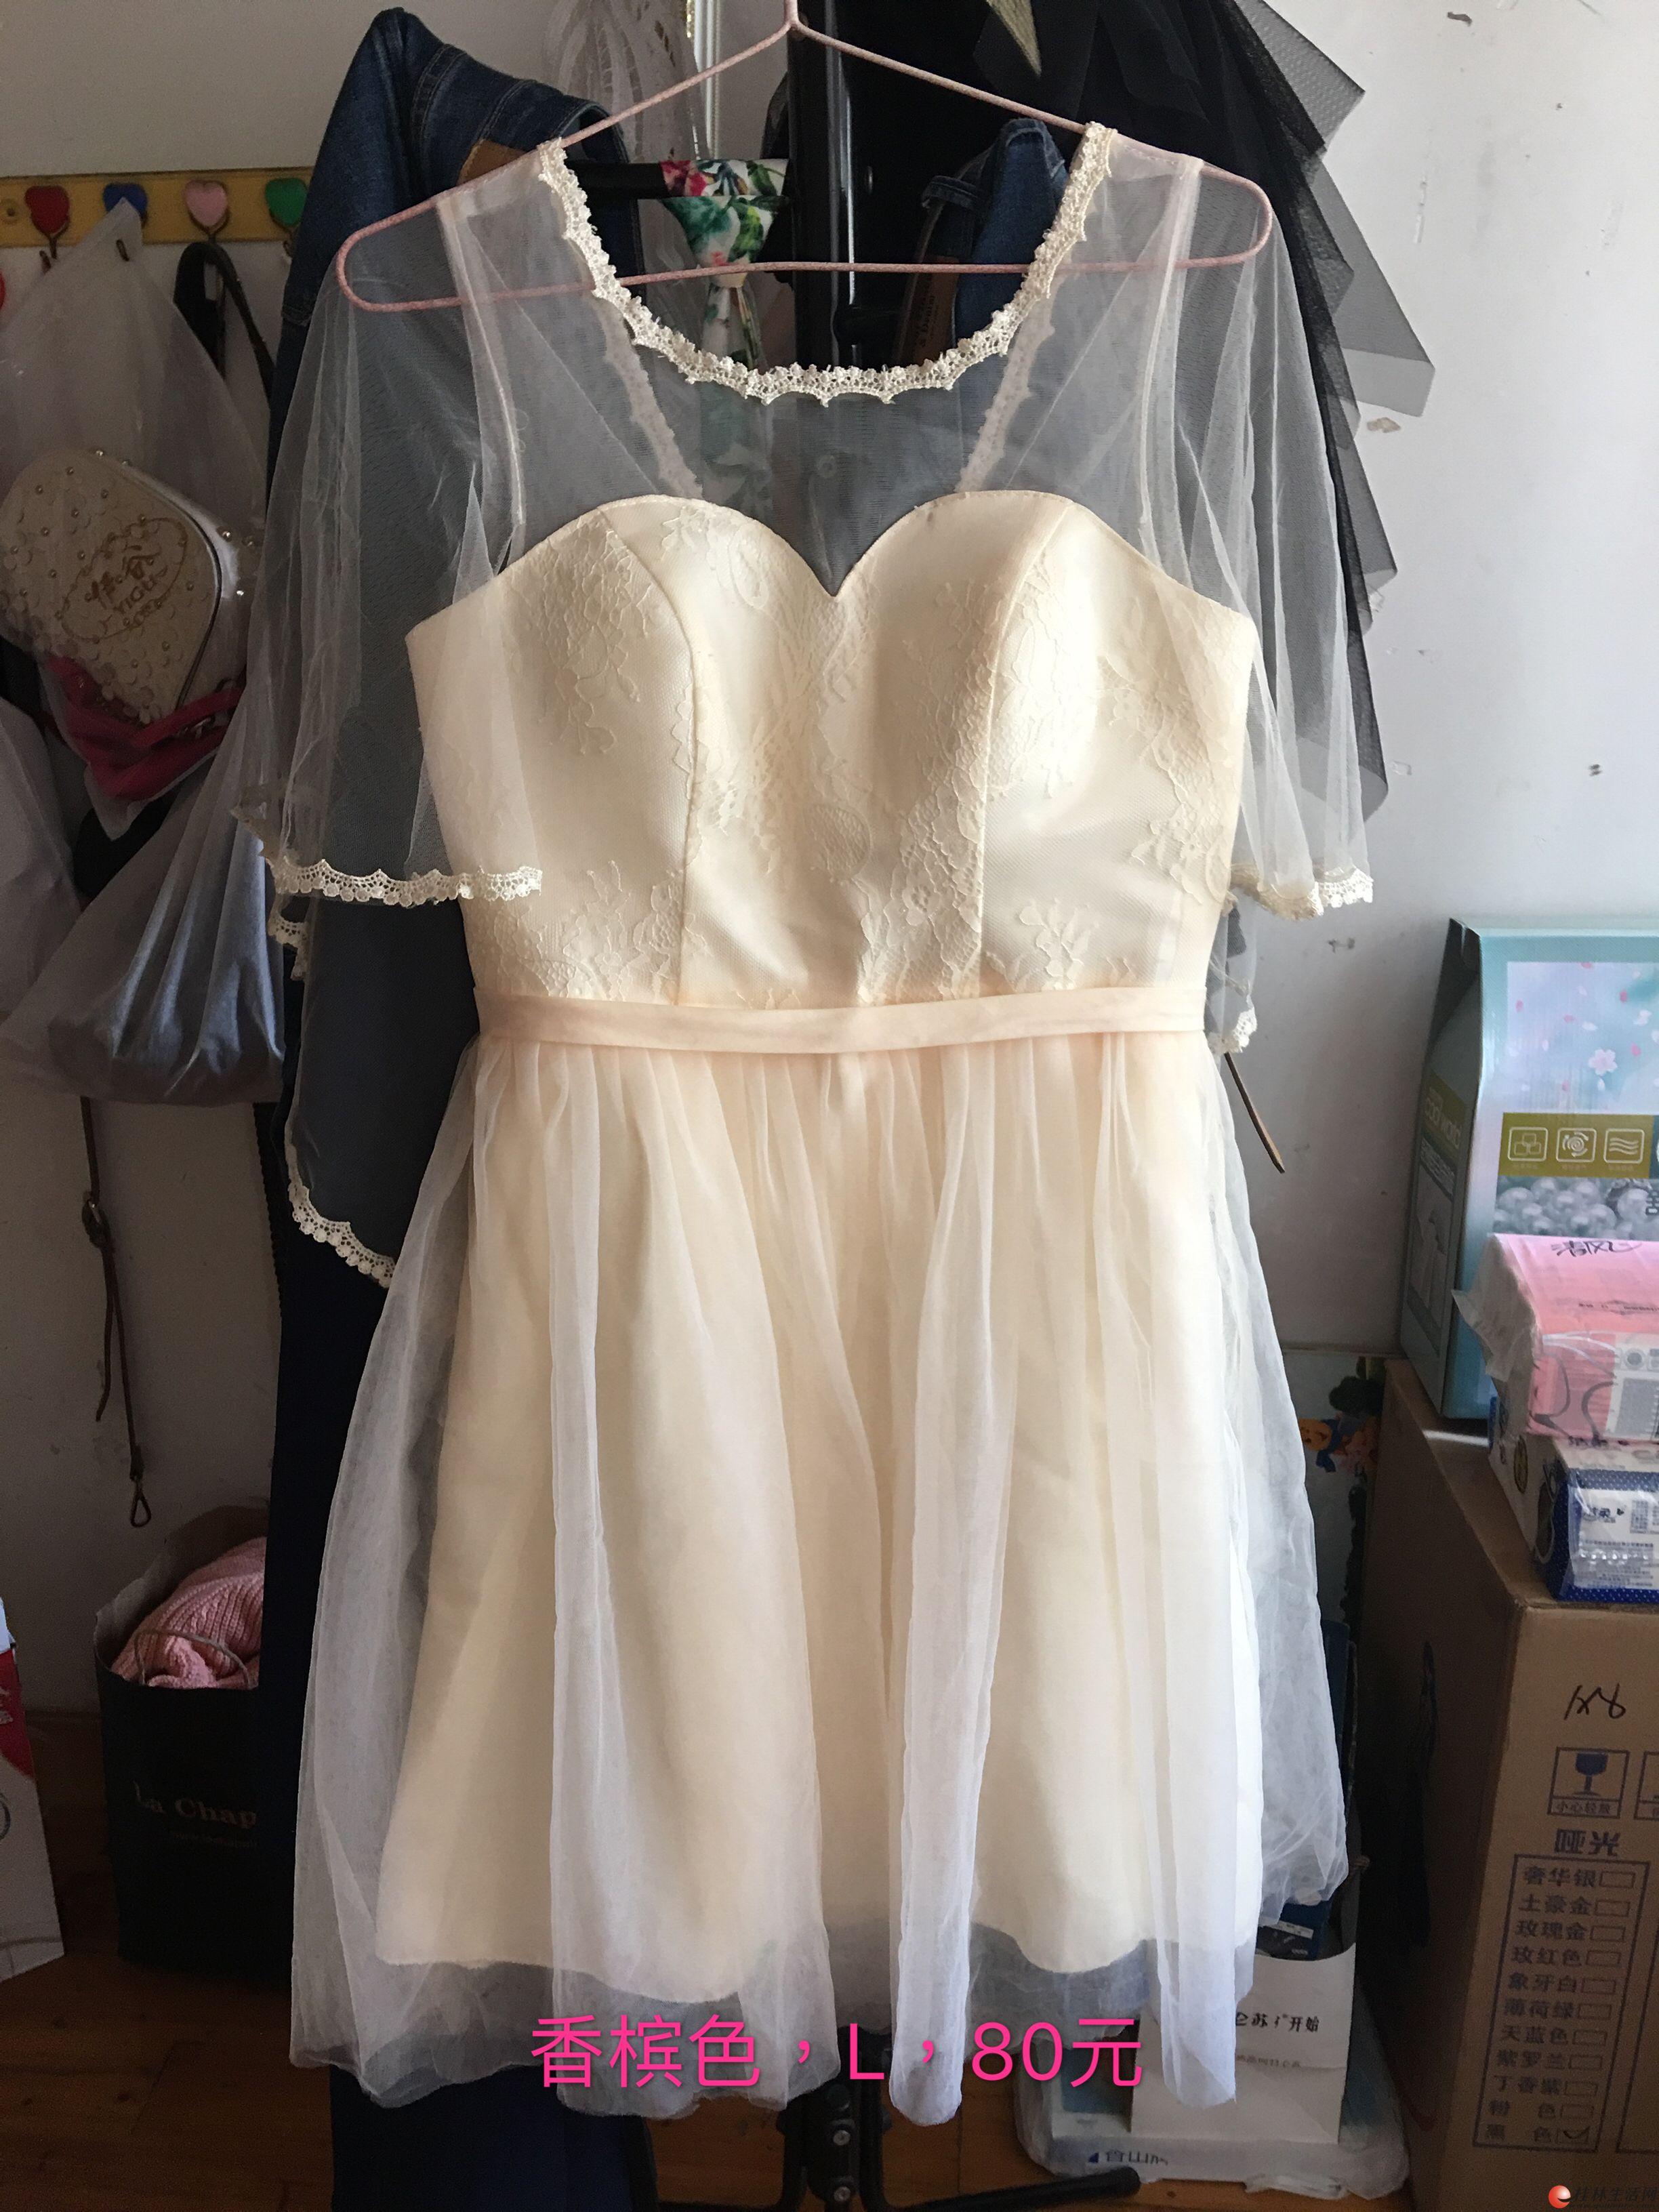 出售两套伴娘礼服、小礼裙,可用于伴娘服、影楼拍照、出席活动等